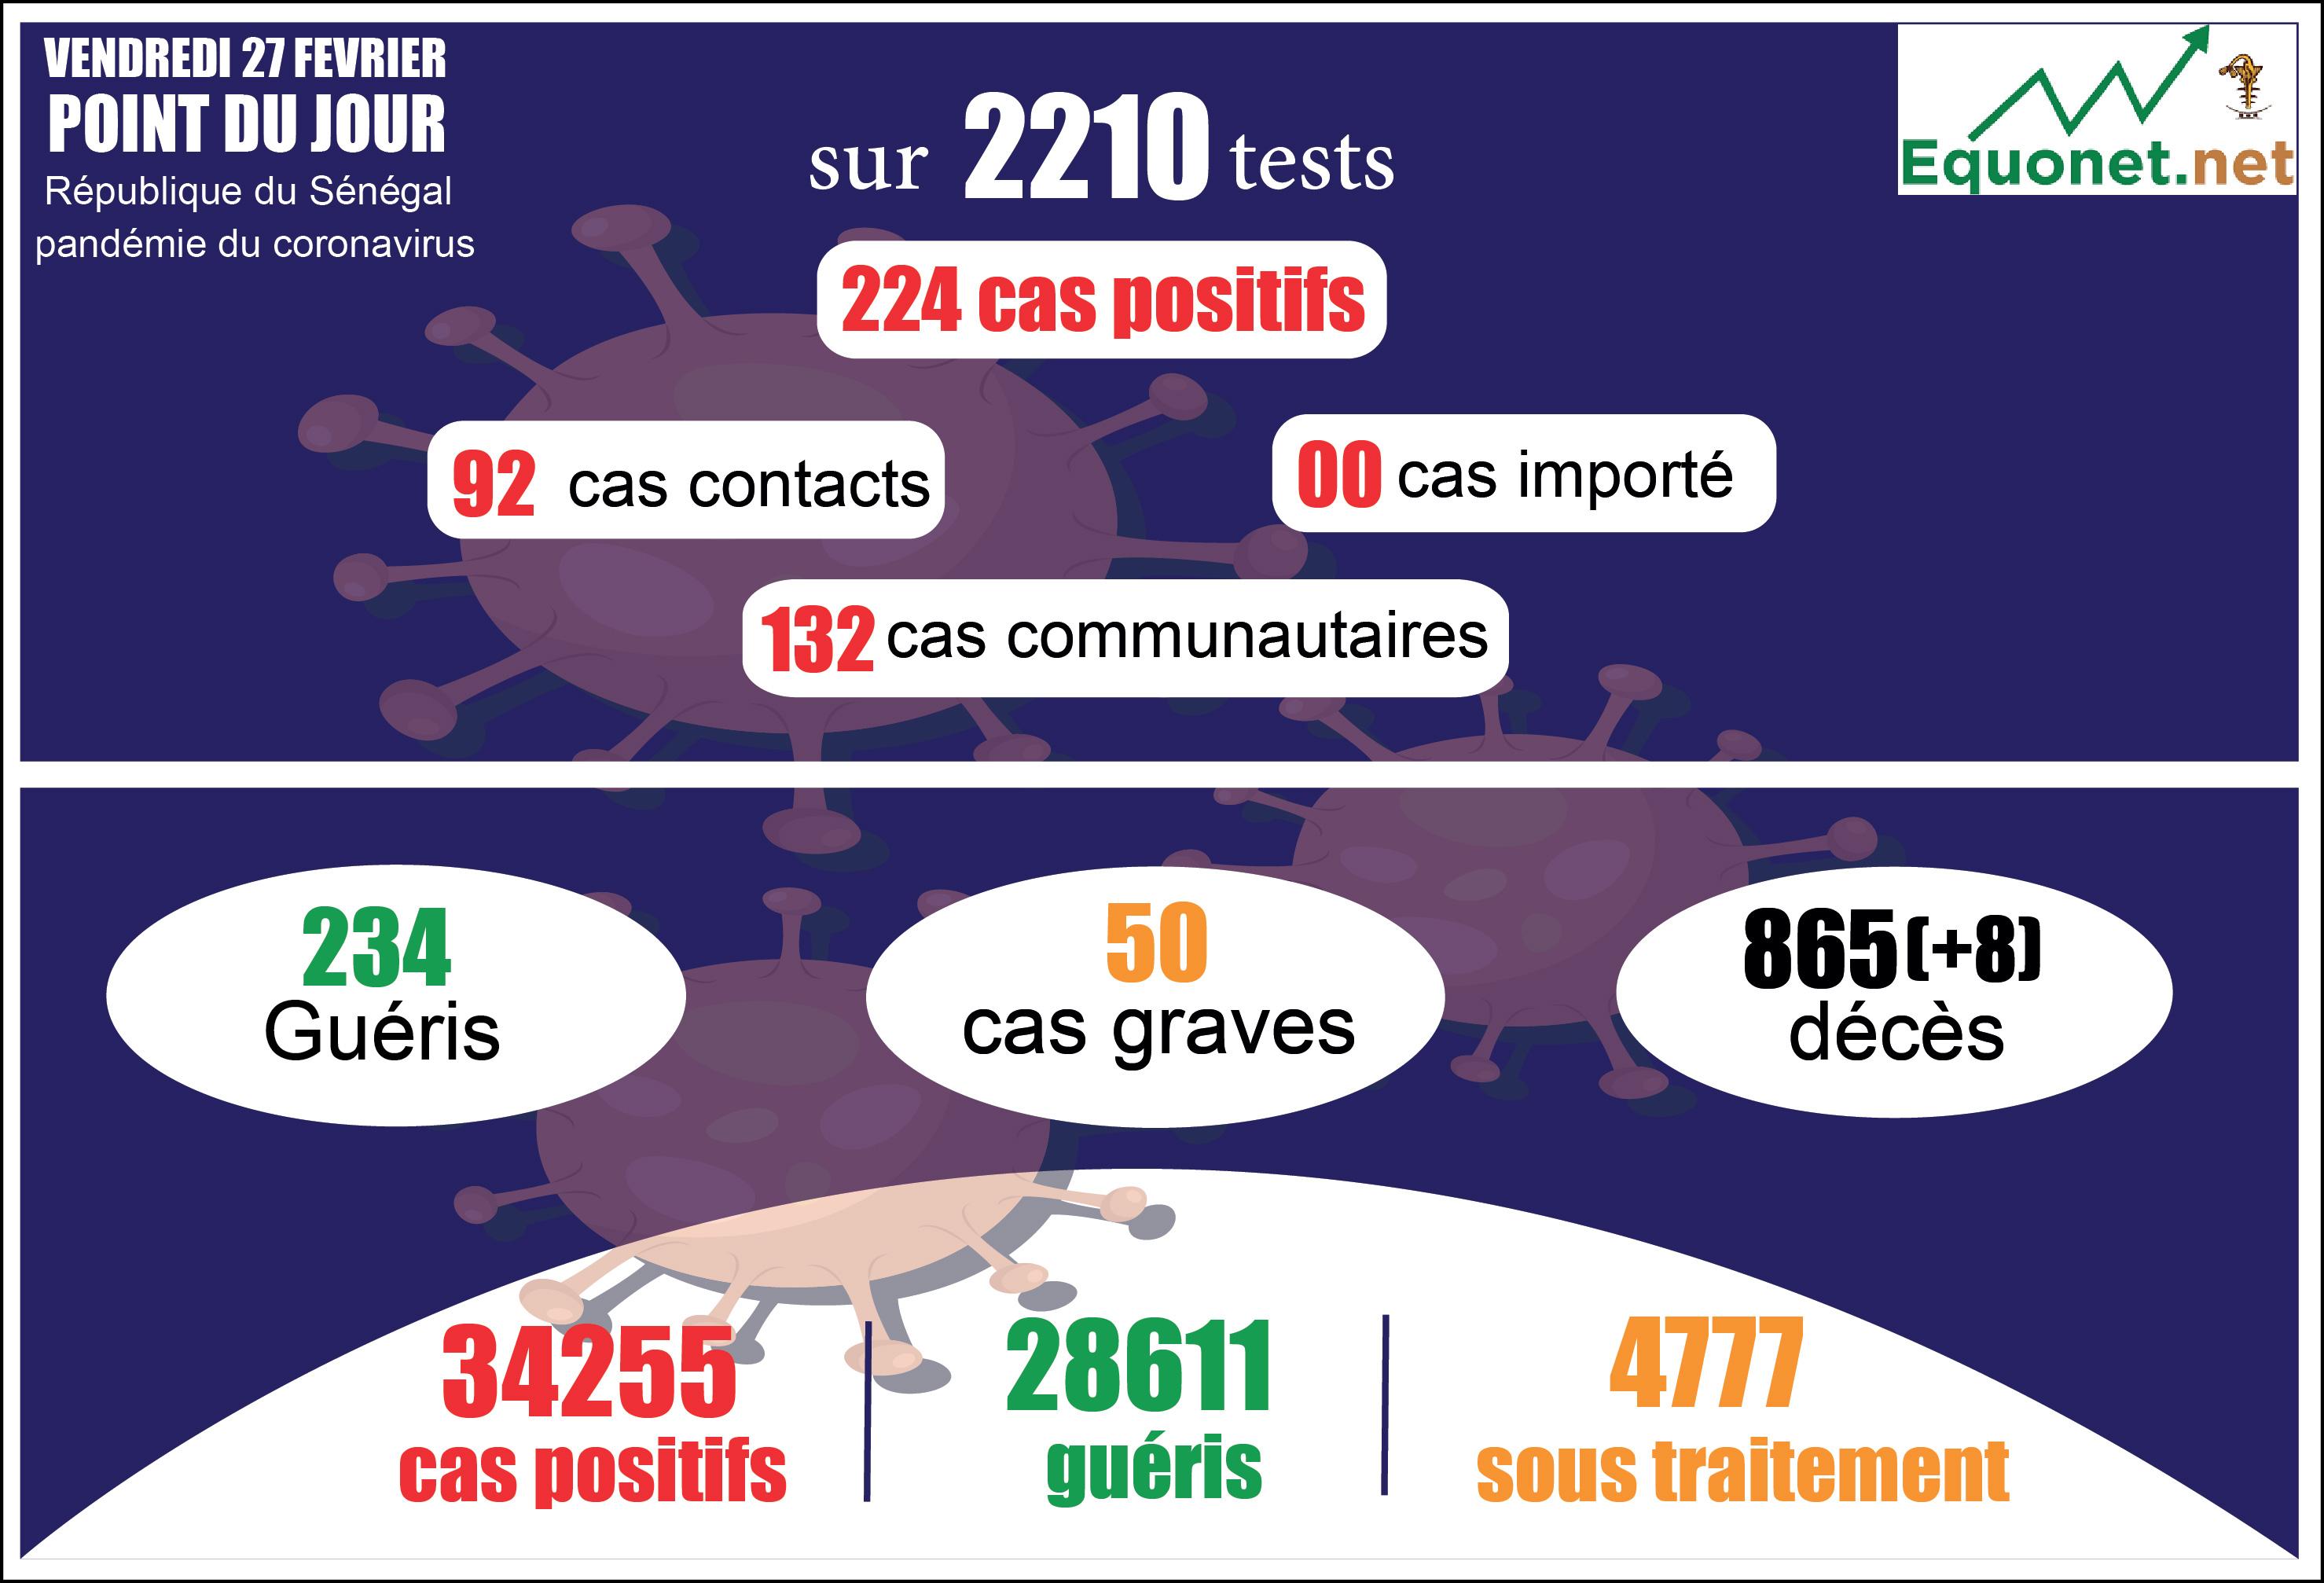 pandémie du coronavirus-covid-19 au sénégal : 132 cas communautaires et 8 décès enregistrés ce samedi 27 février 2021